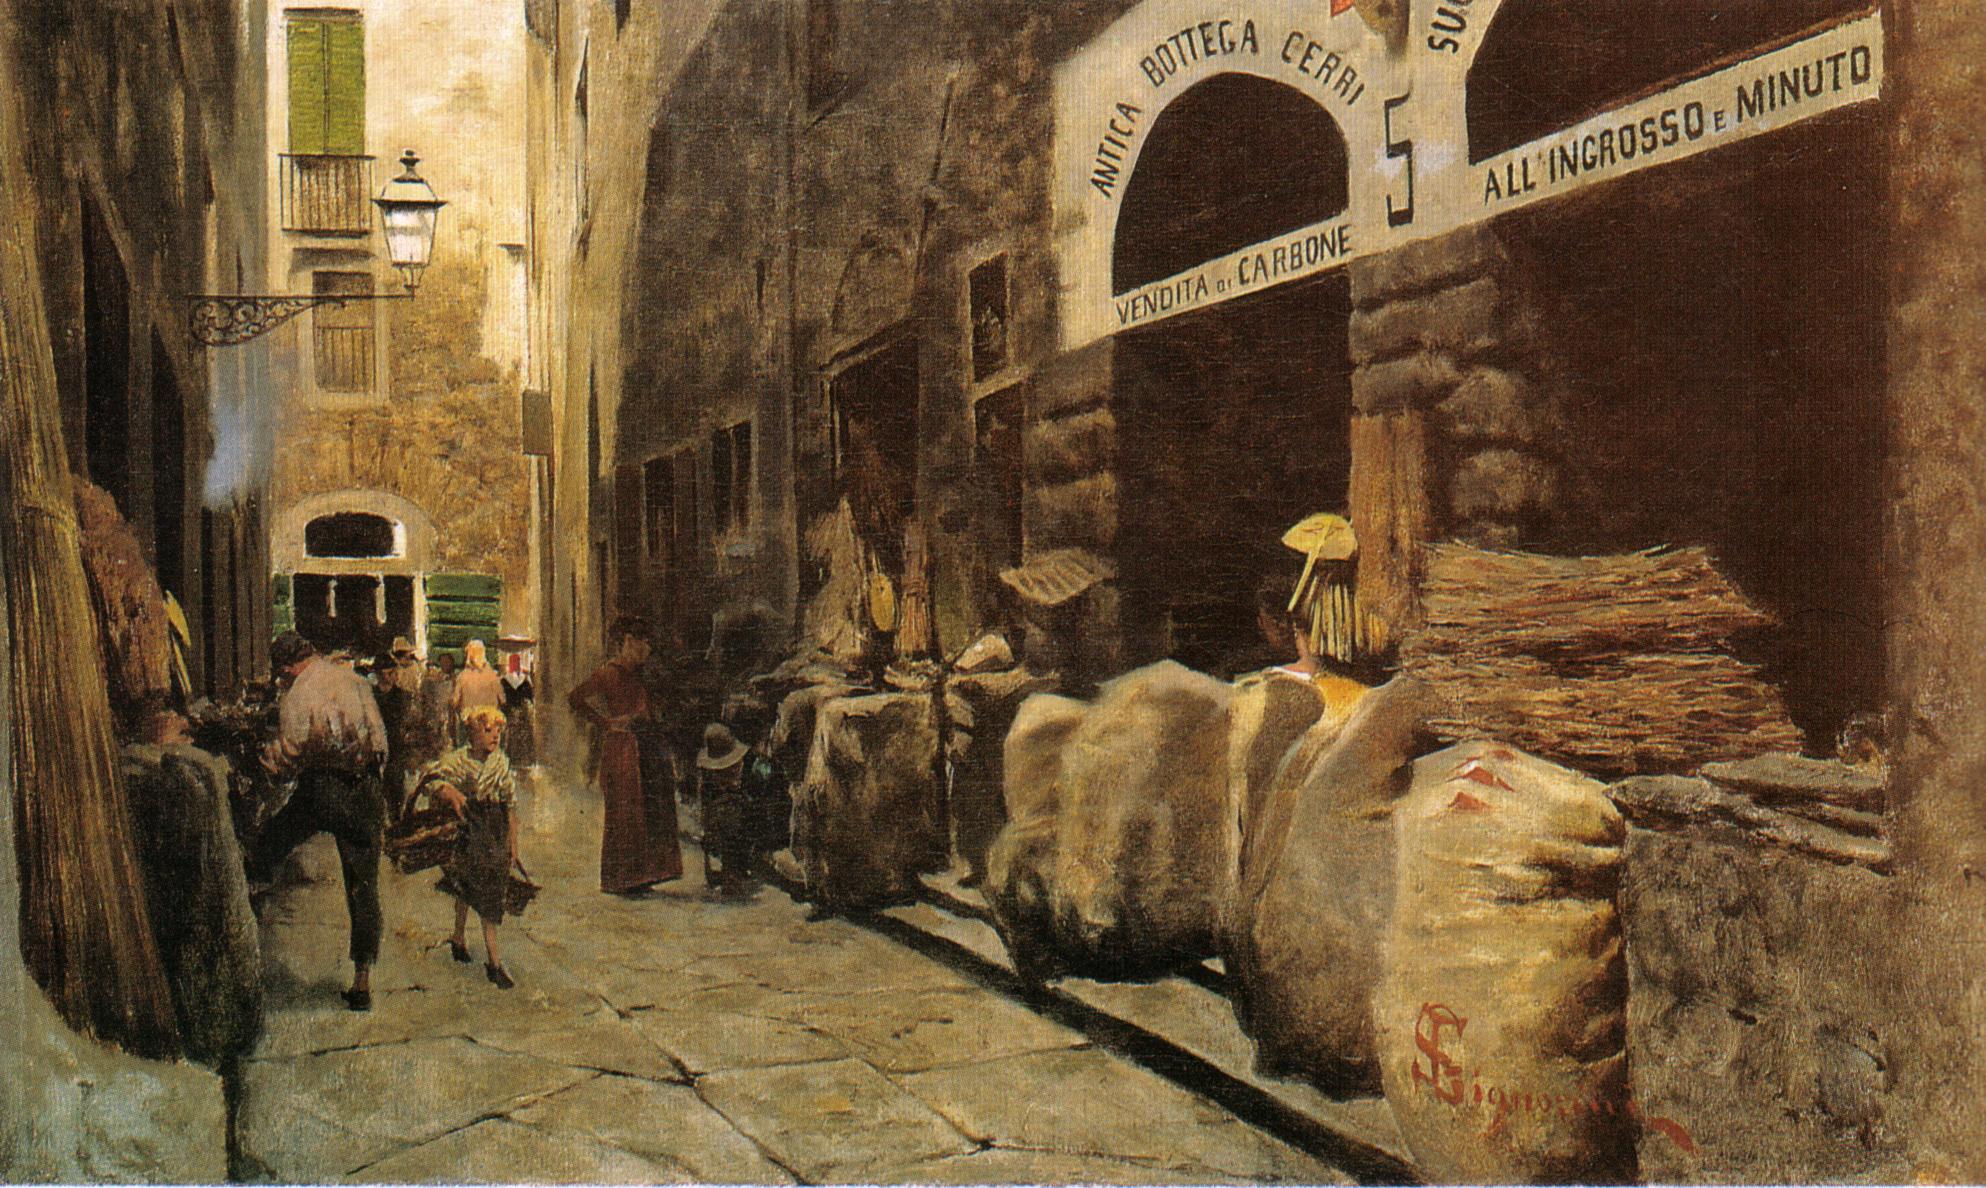 Telemaco_Signorini,_La_Via_del_fuoco,_1881_circa_38,8x65cm